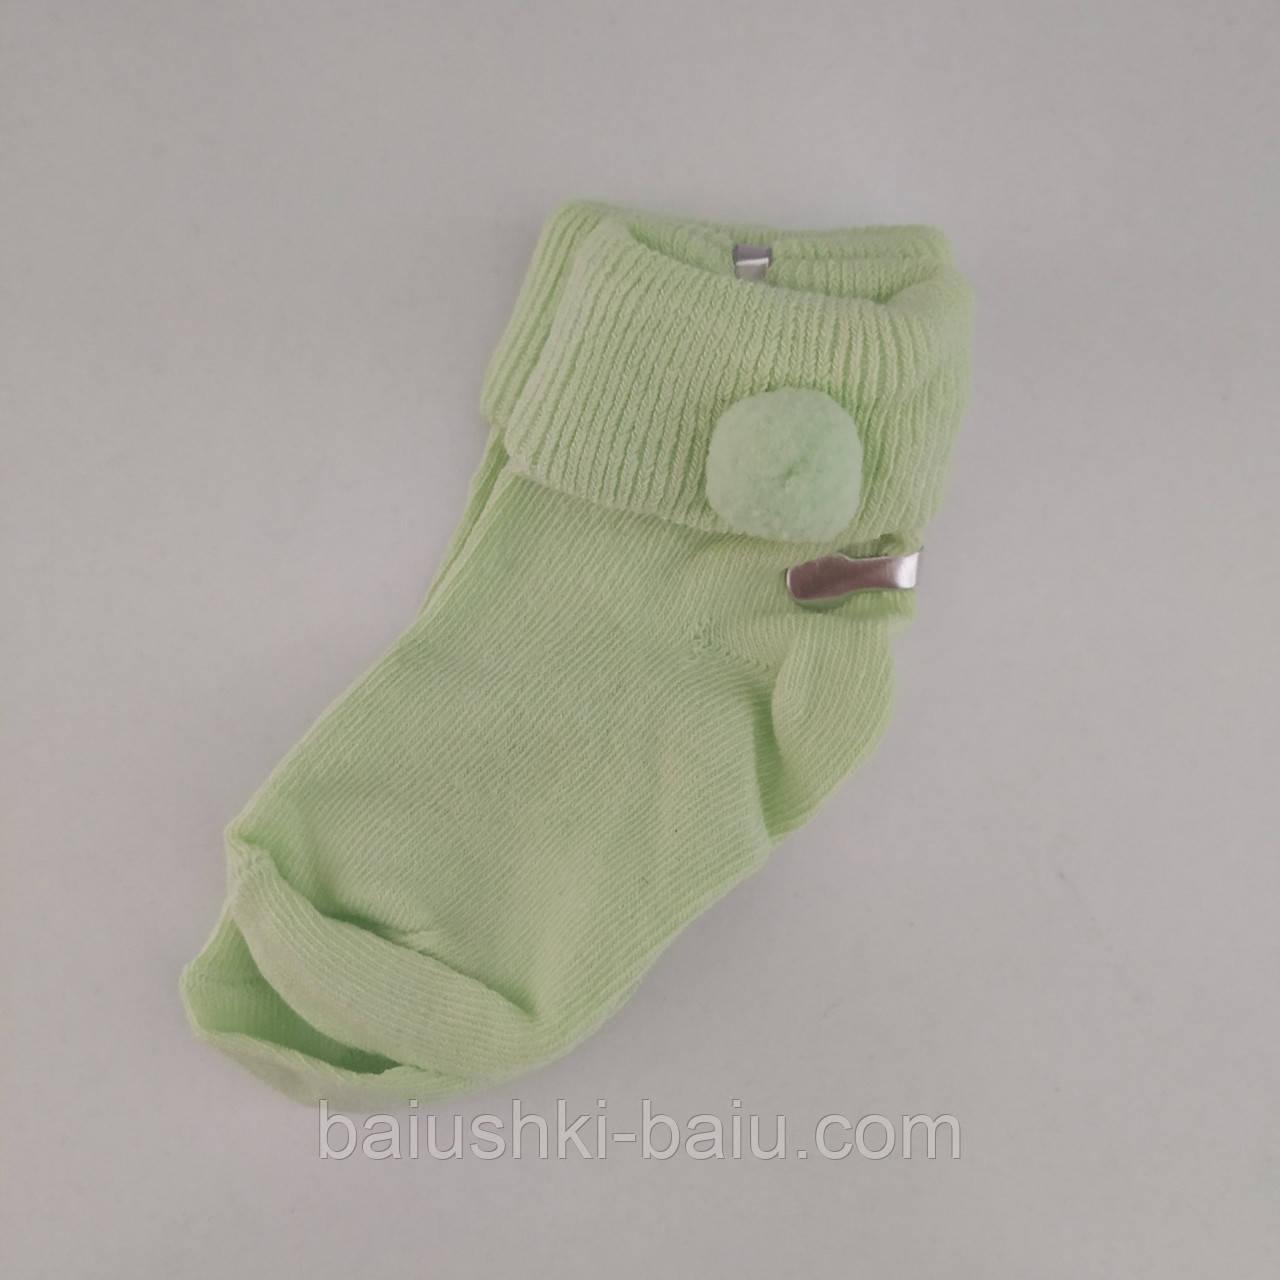 Носки хлопковые для новорожденного, р. 0-3 мес. Турция